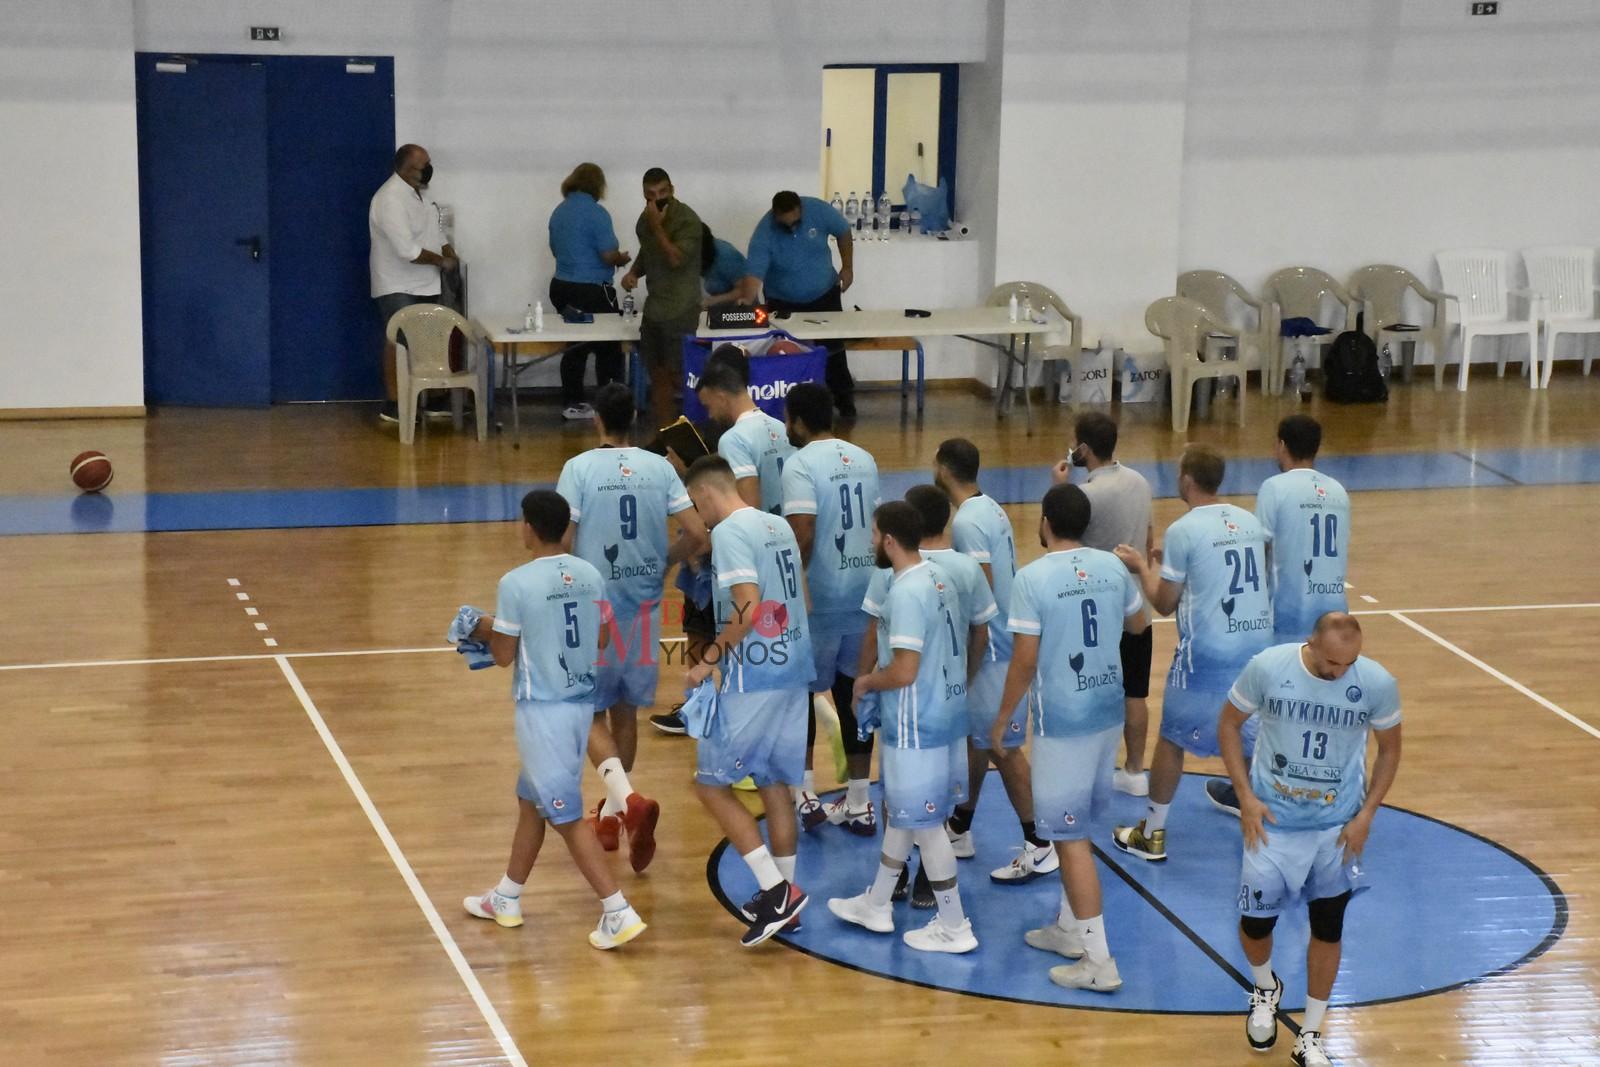 Νίκη για το μπάσκετ του Α.Ο. Μυκόνου στη πρεμιέρα της Γ' Εθνικής